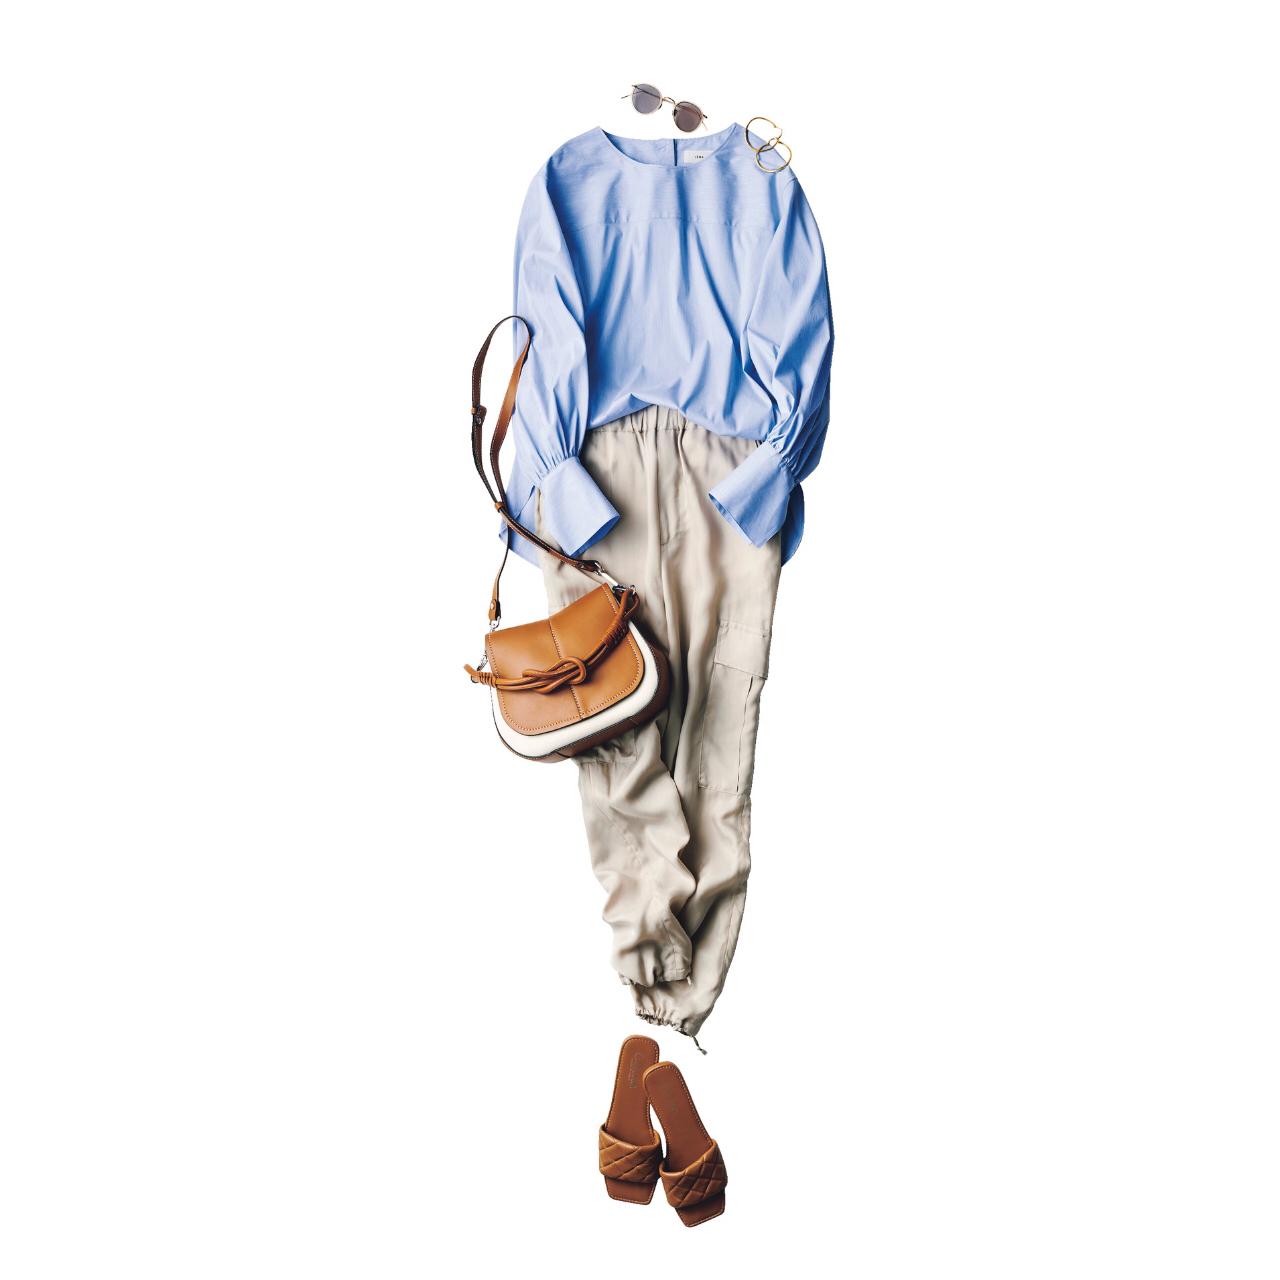 【夏に映えるブルーコーデまとめ】アラフォーが上品かつこなれて見えるコーデのポイントとは? |40代ファッション_1_11